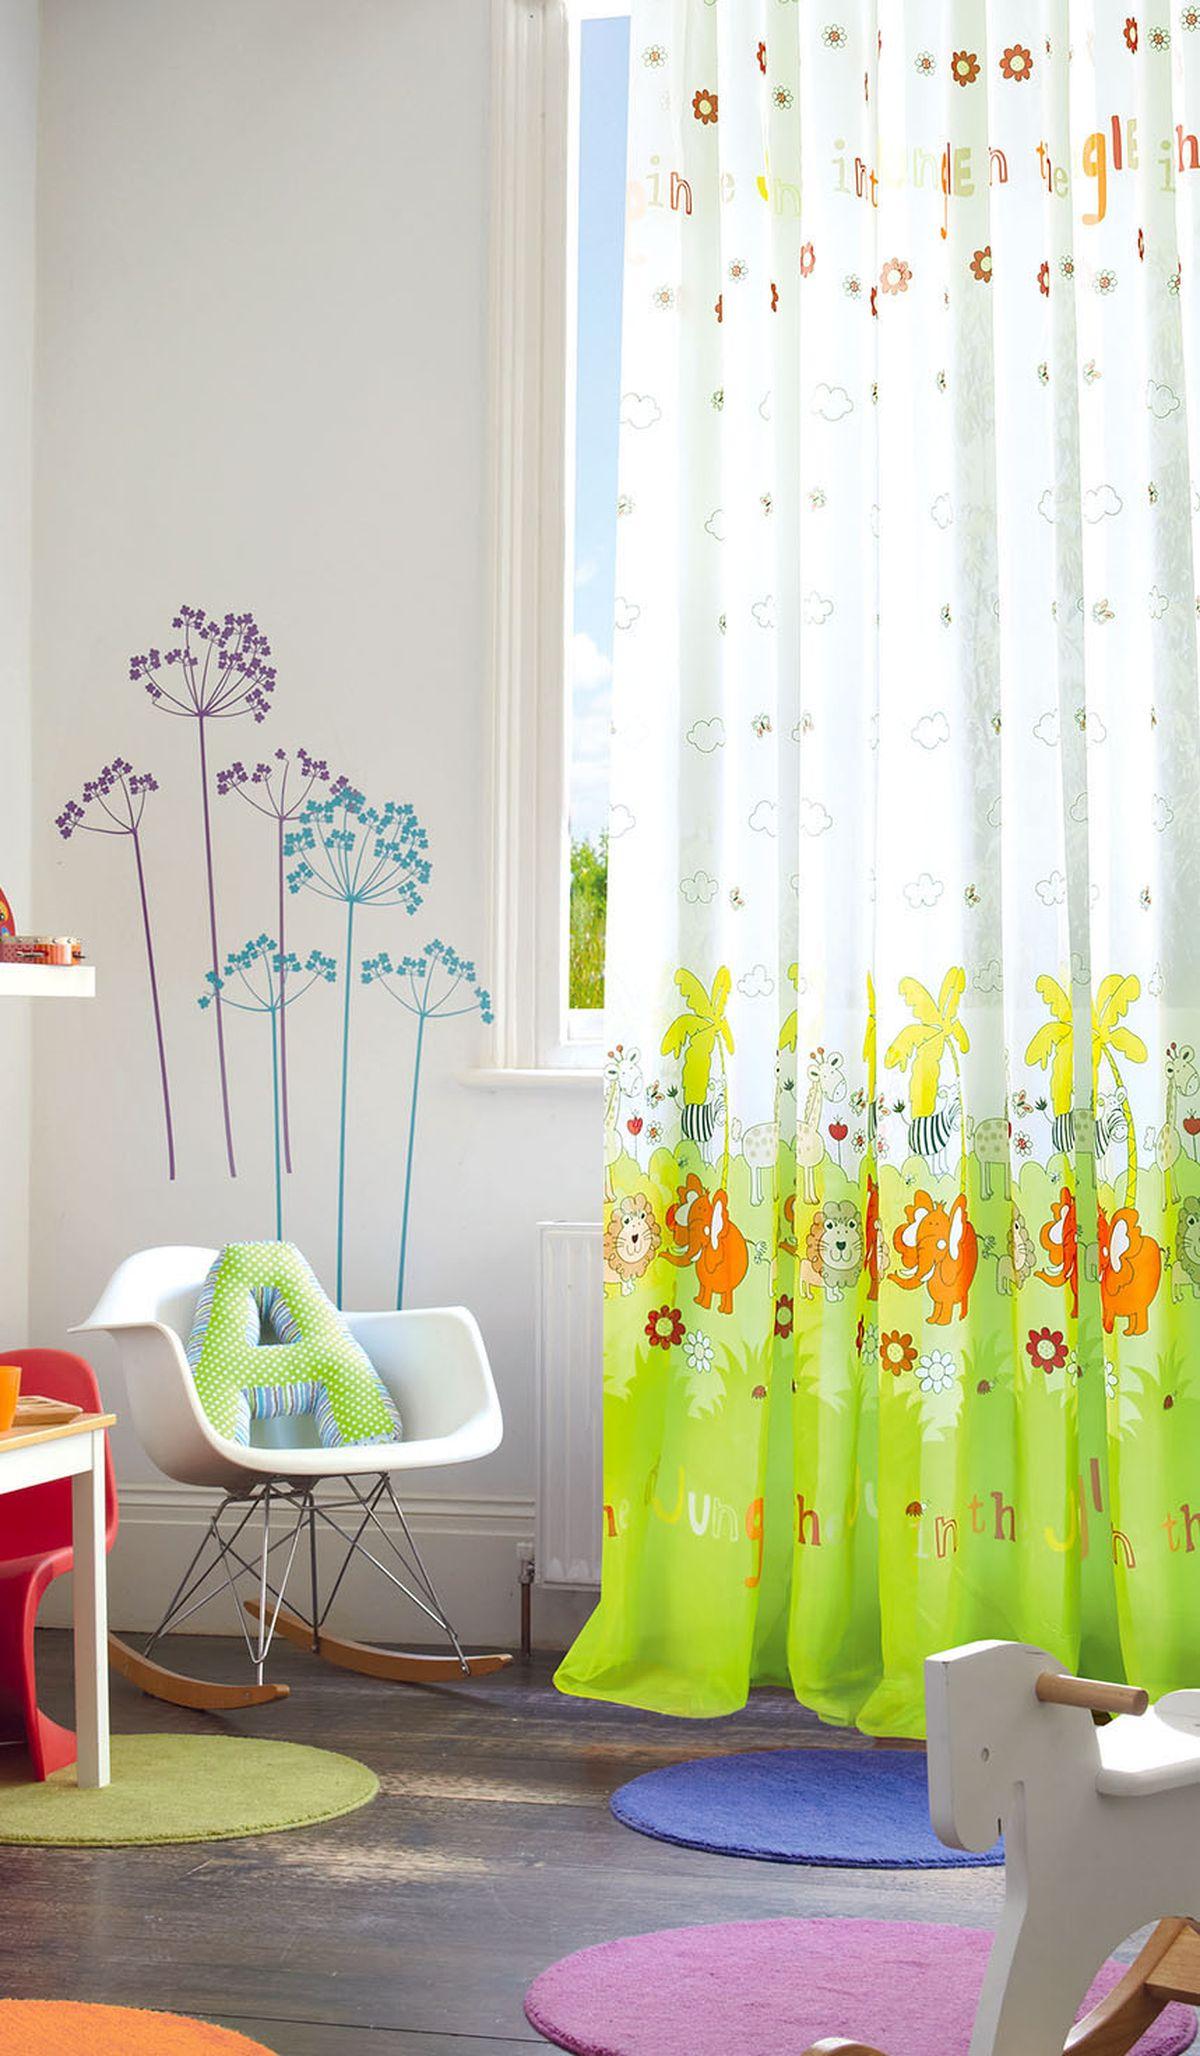 Штора готовая Garden, на ленте, цвет: зеленый , 300х270 см. С 9169 - W191 V8С 9169 - W191 V8Изящная штора для детской комнаты Garden выполнена из легкой ткани с оригинальной структурой. Приятная текстура и цвет штор привлекут к себе внимание и органично впишутся в интерьер помещения. Штора крепится на карниз при помощи ленты, которая поможет красиво и равномерно задрапировать верх.